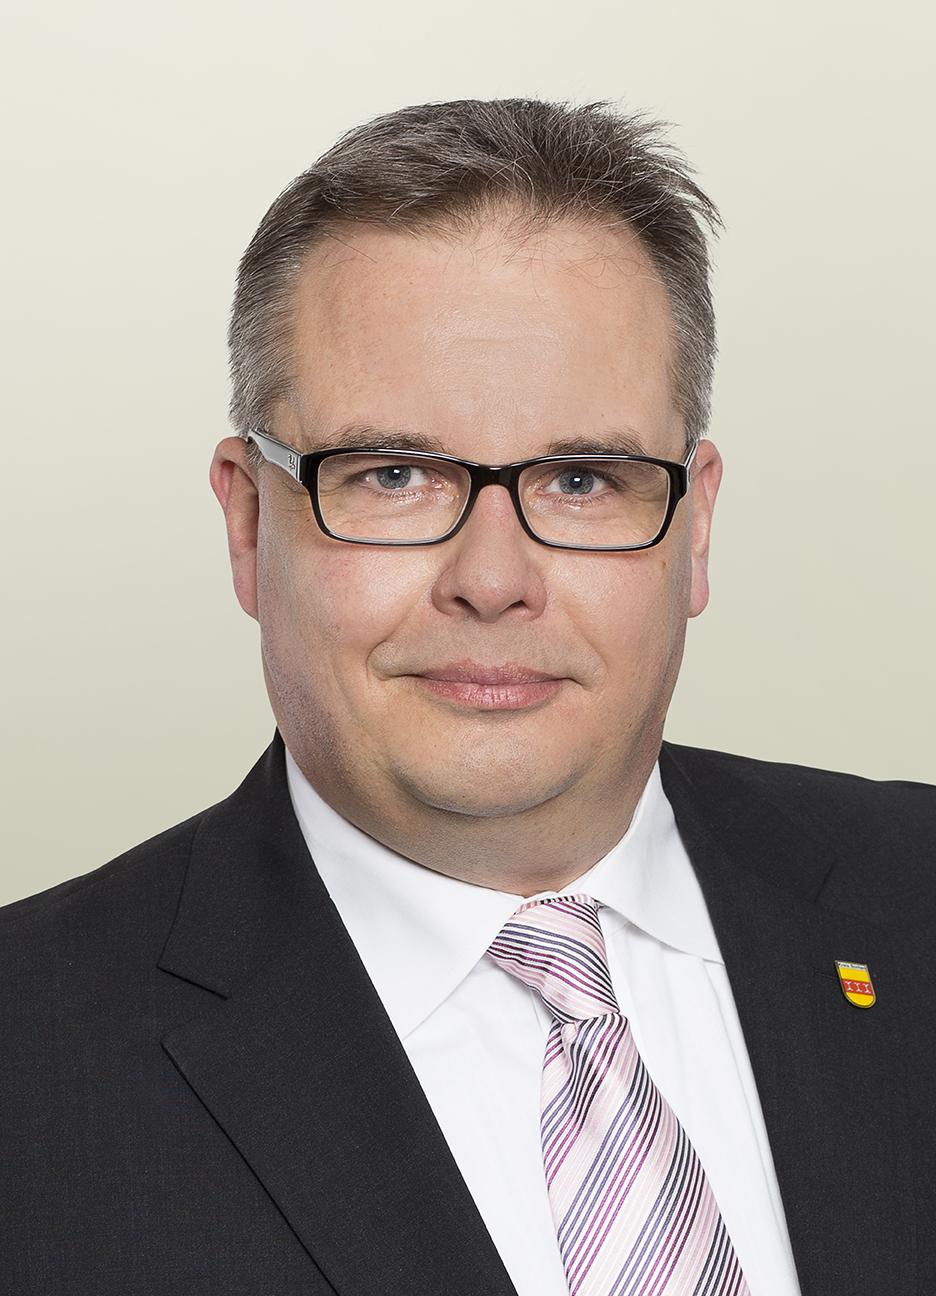 Markus Schulte, Vorsitzender der CDU-Kreistagsfraktion